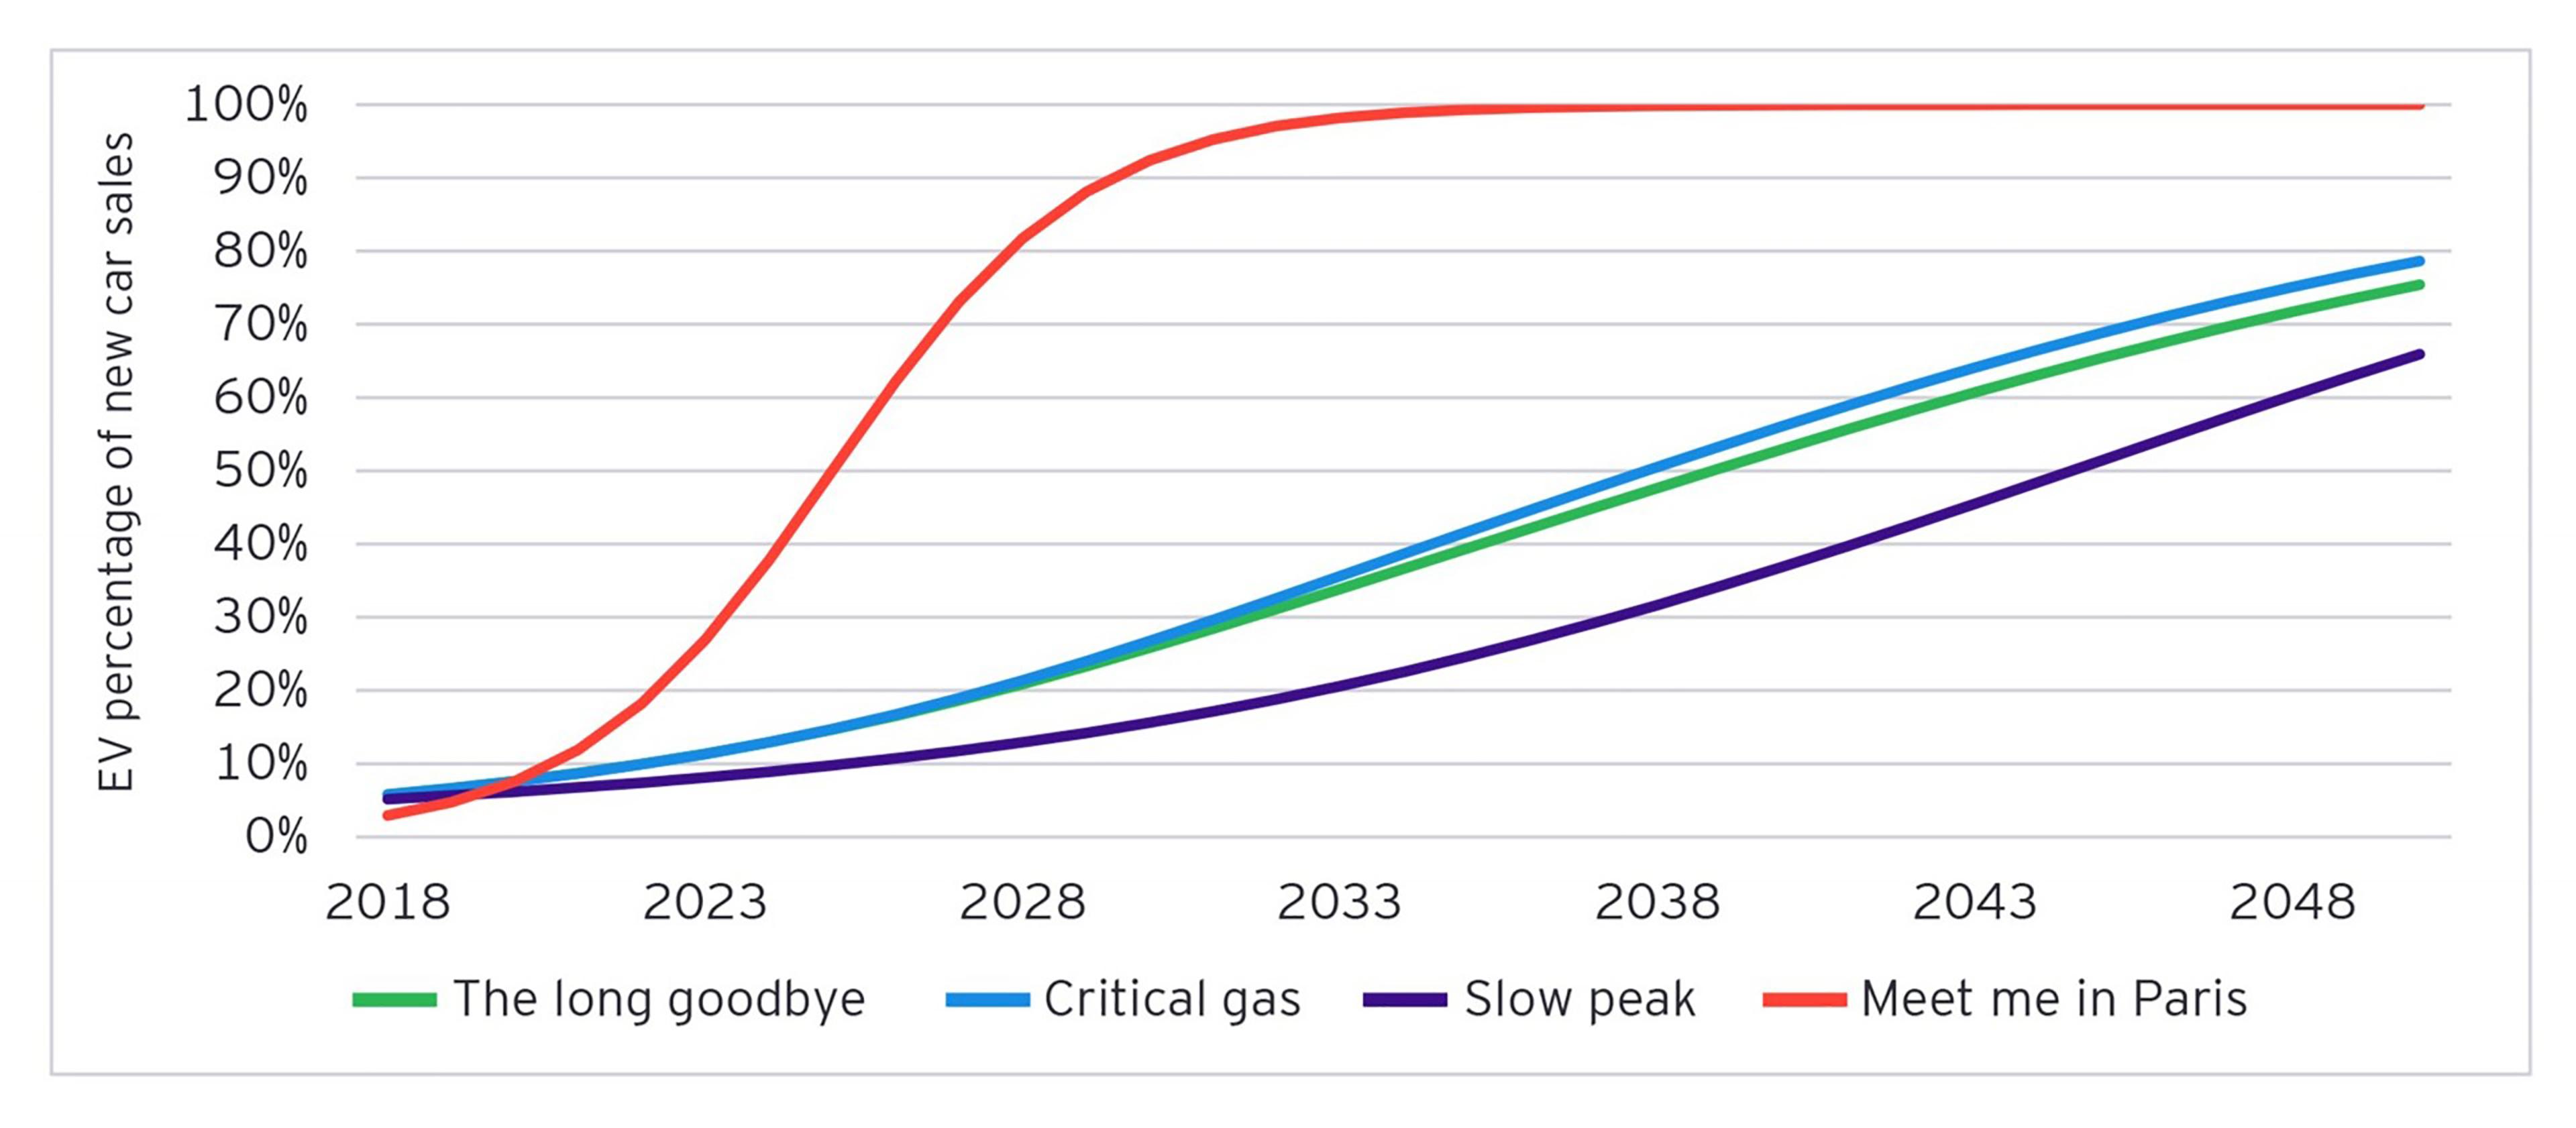 Acceptance of EVs graph